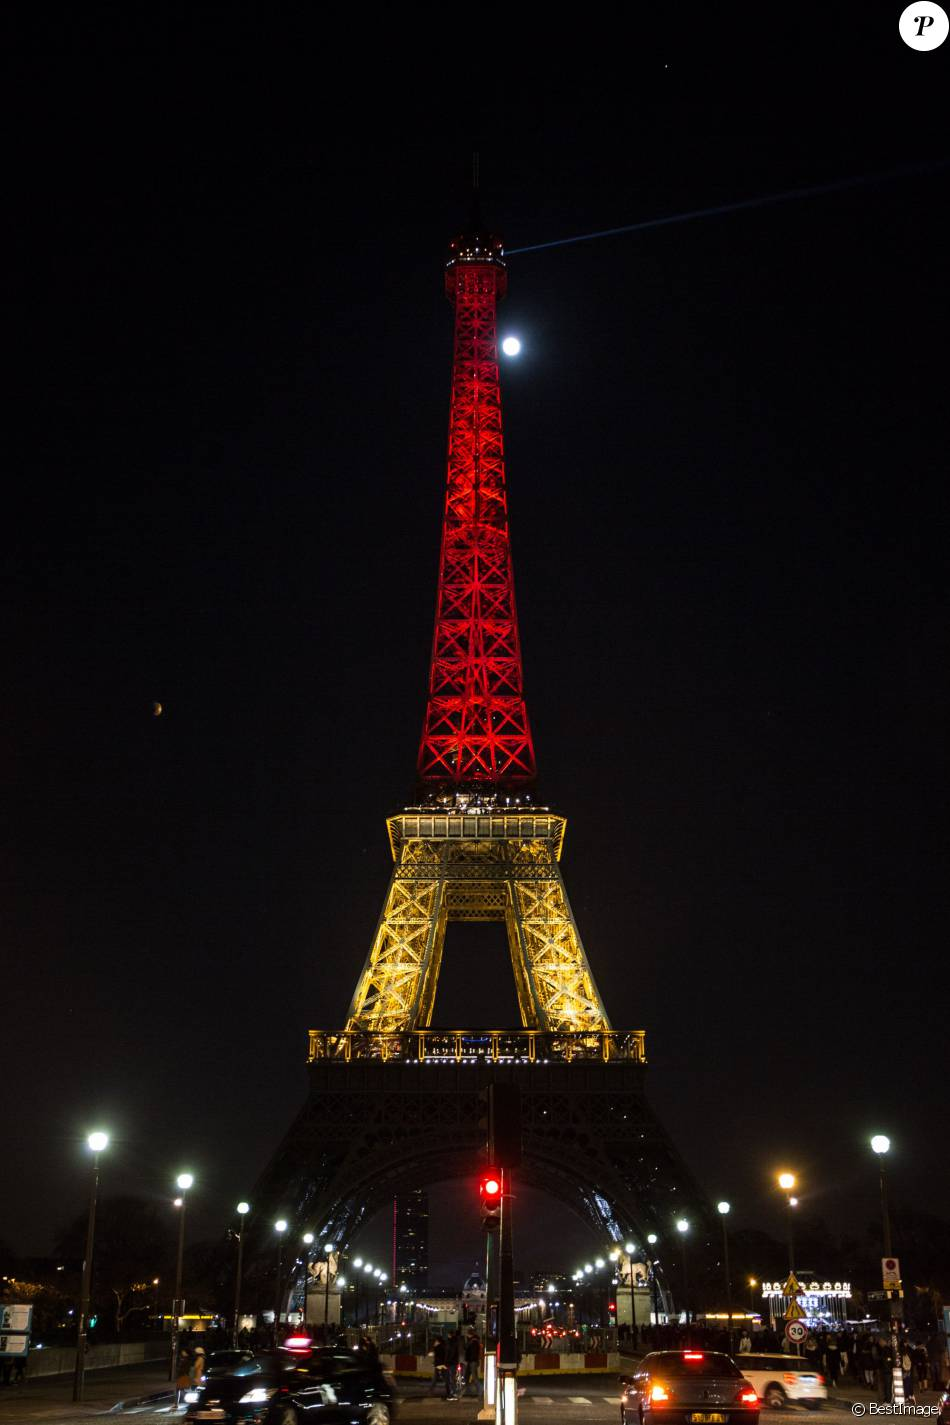 La tour eiffel illumin e aux couleurs de la belgique en - Couleur de la tour eiffel ...